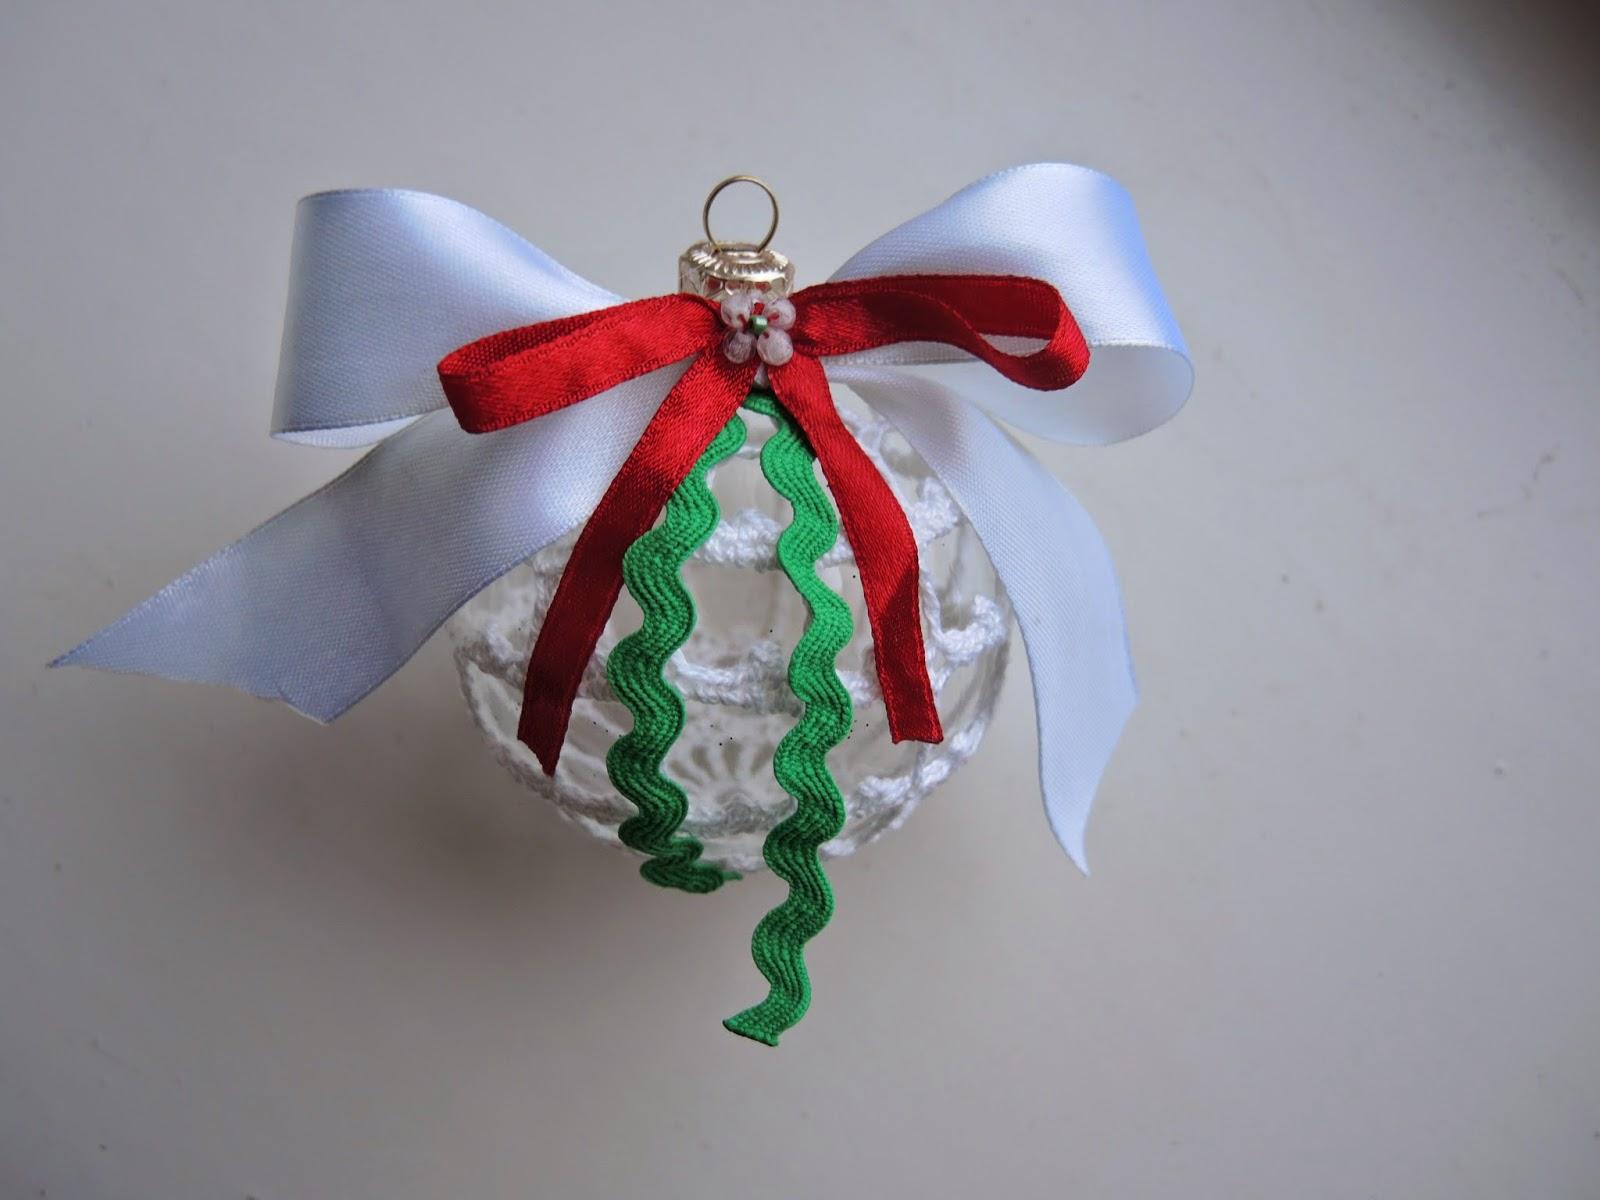 елочные игрушки, шарик, вязание, подарок, новый год